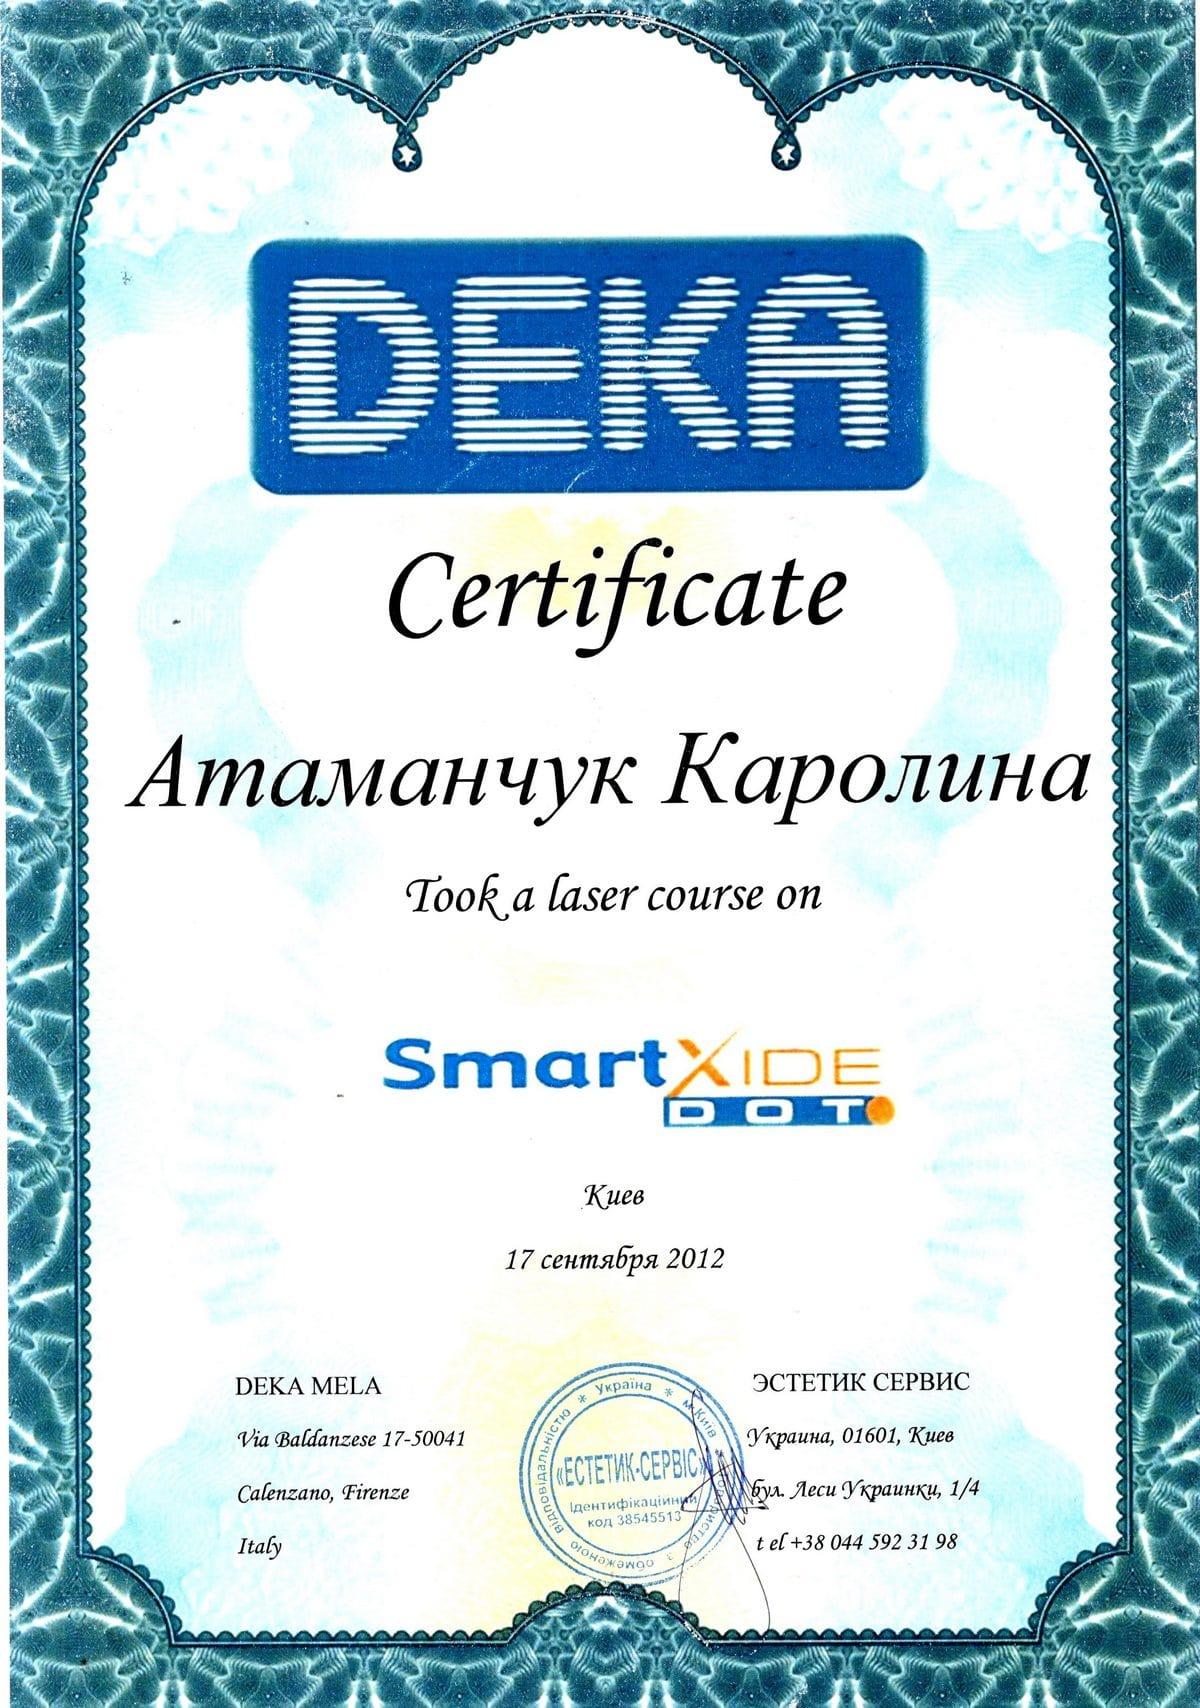 Документ №:7 Сертификат врача-дерматолога, косметолога Атаманчук Каролины Васильевны